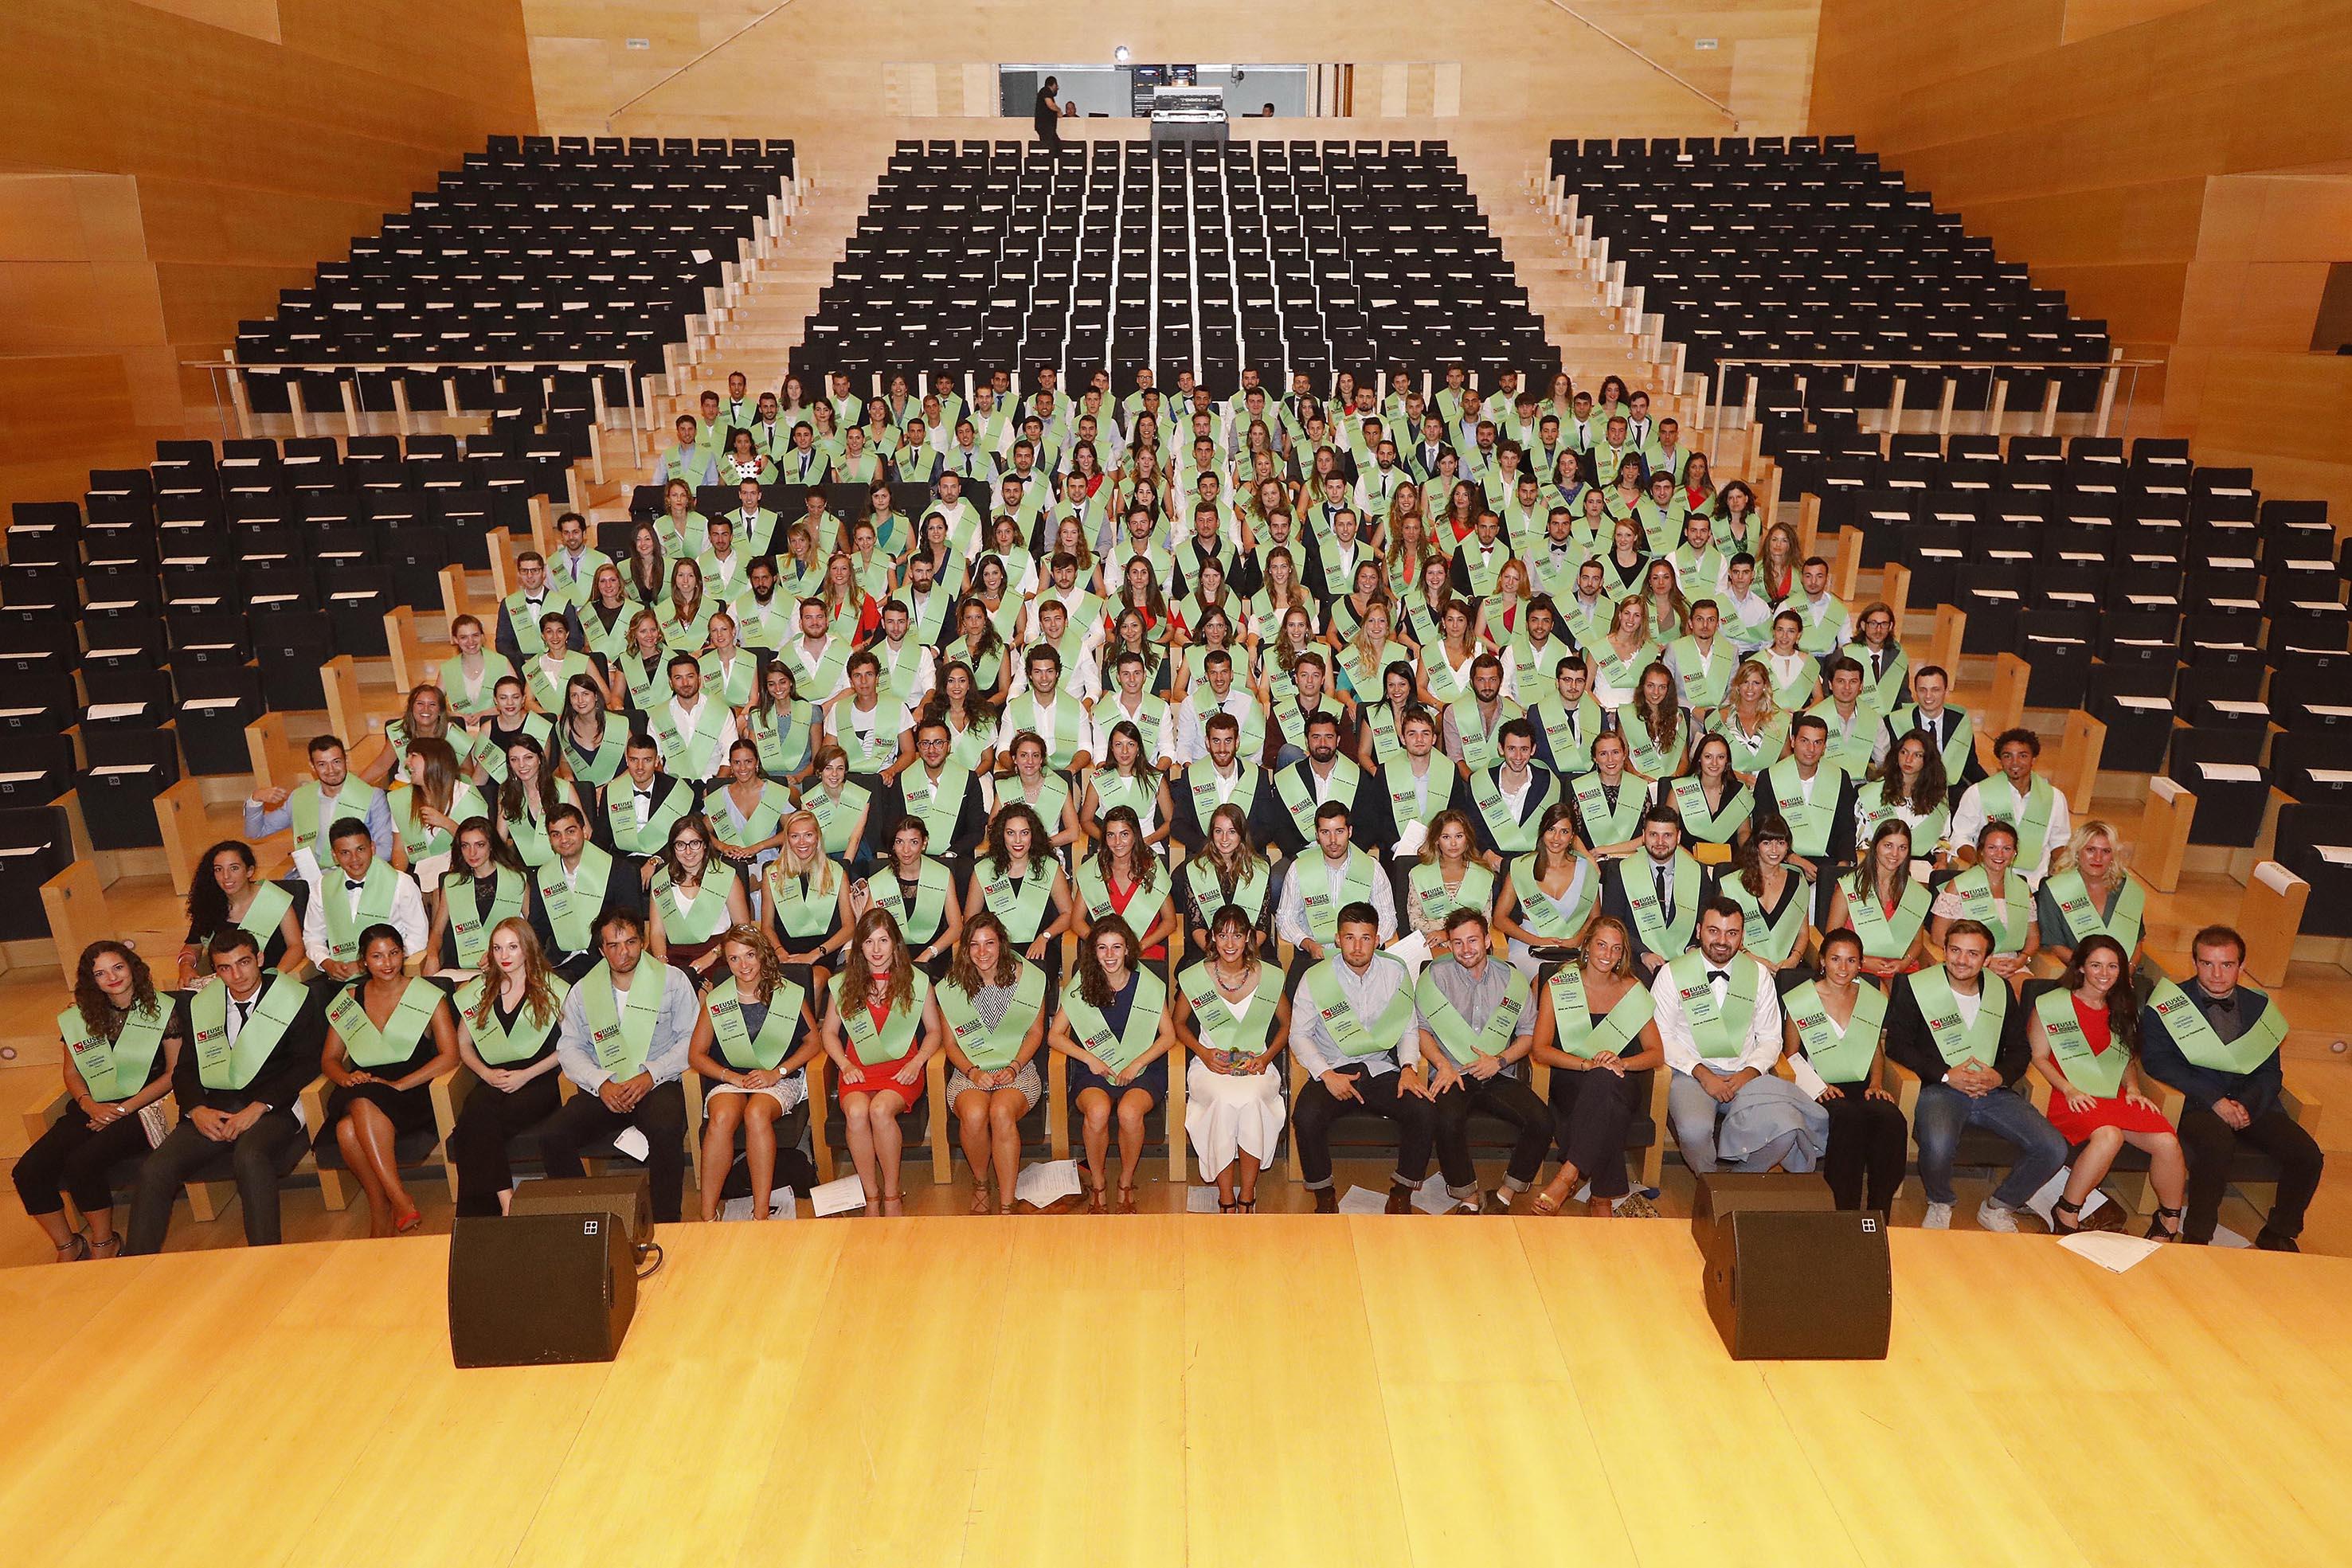 L'Auditori de Girona s'omple en l'acte de Graduació de les promocions 2013-2017 dels graus en Fisioteràpia i en Ciències de l'Activitat Física i l'Esport d'EUSES